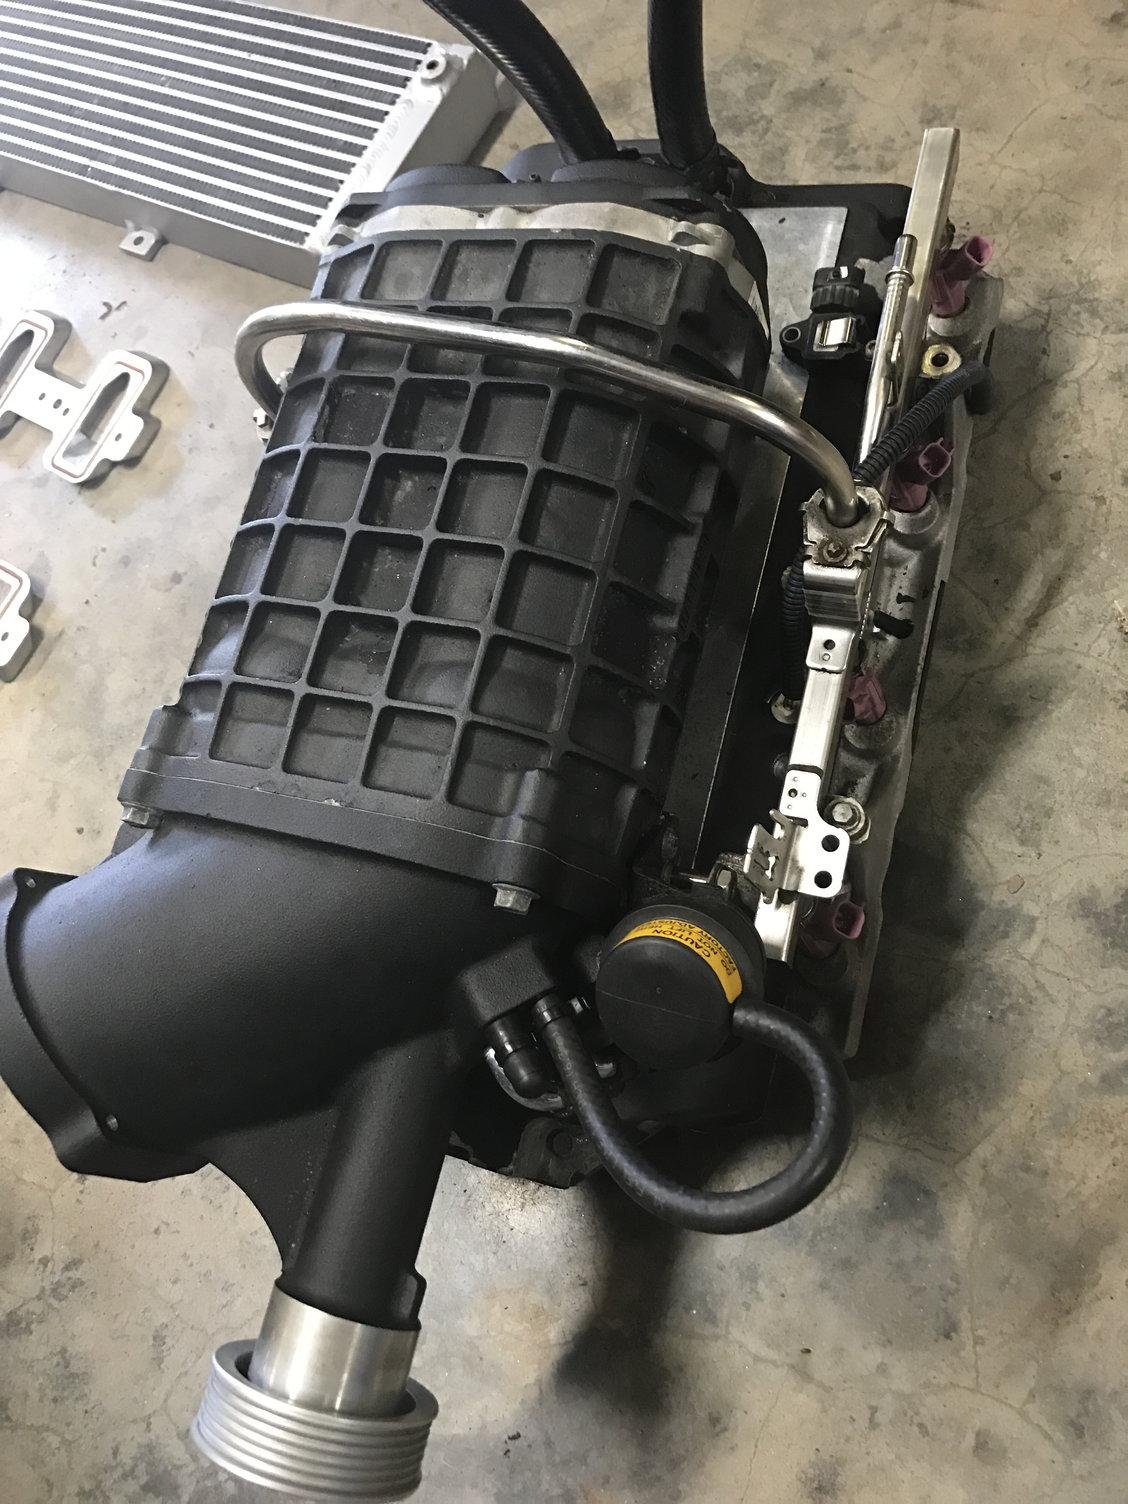 Magnuson Intercooler Pump